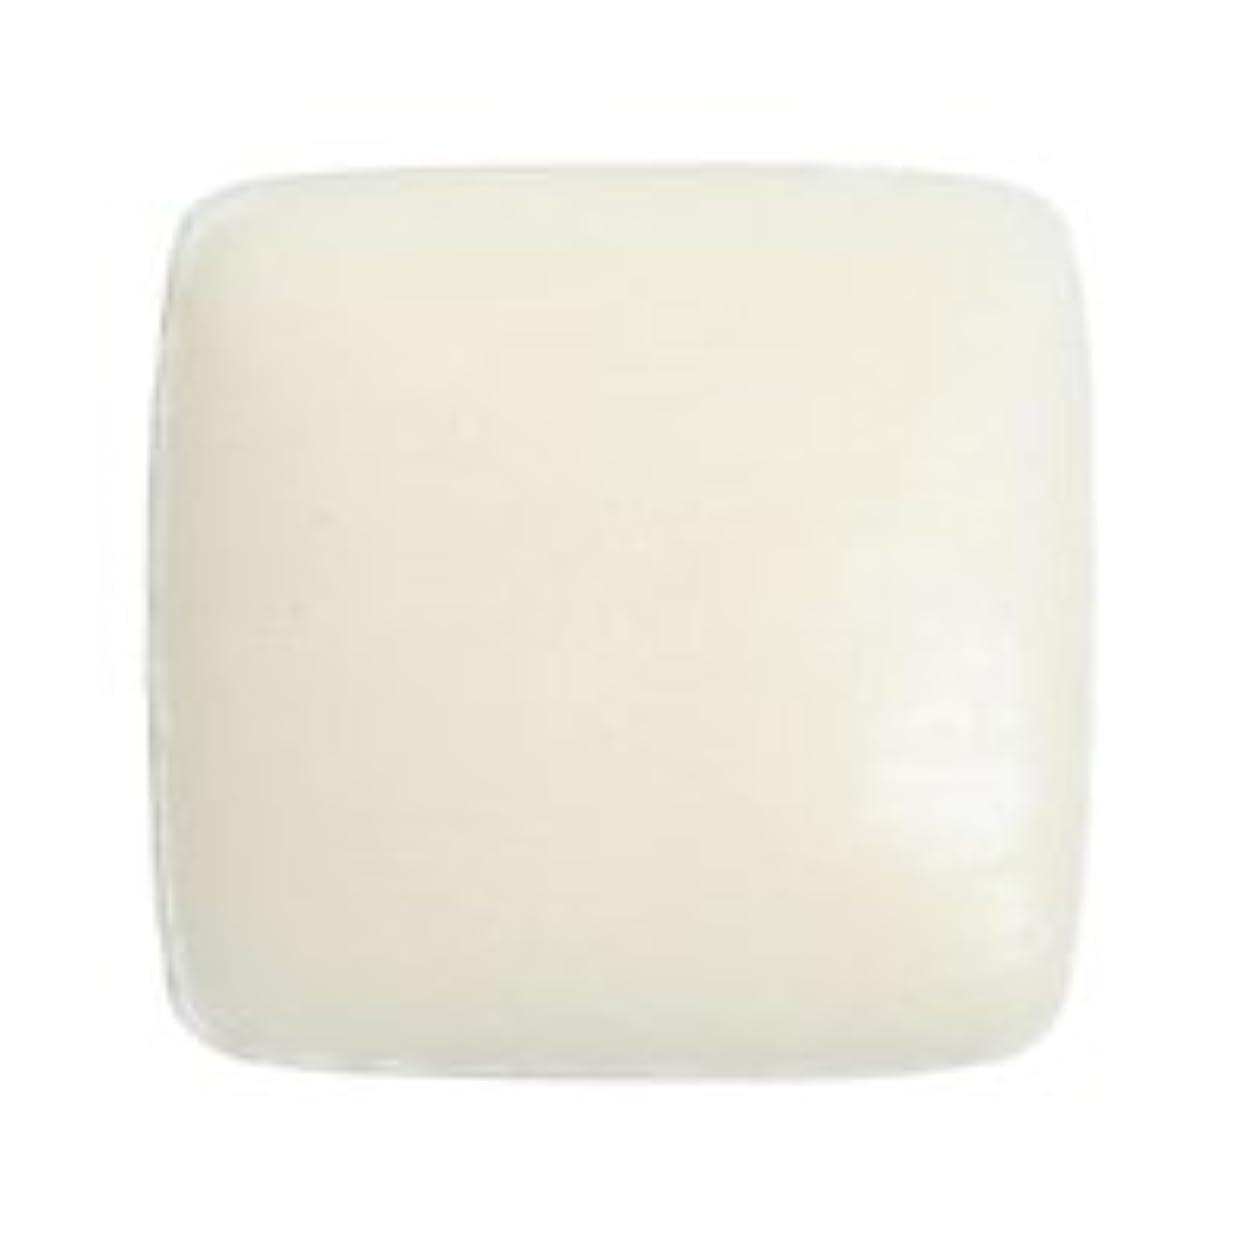 曲がったに賛成佐賀ドクターY ホワイトクレイソープ80g 固形石鹸